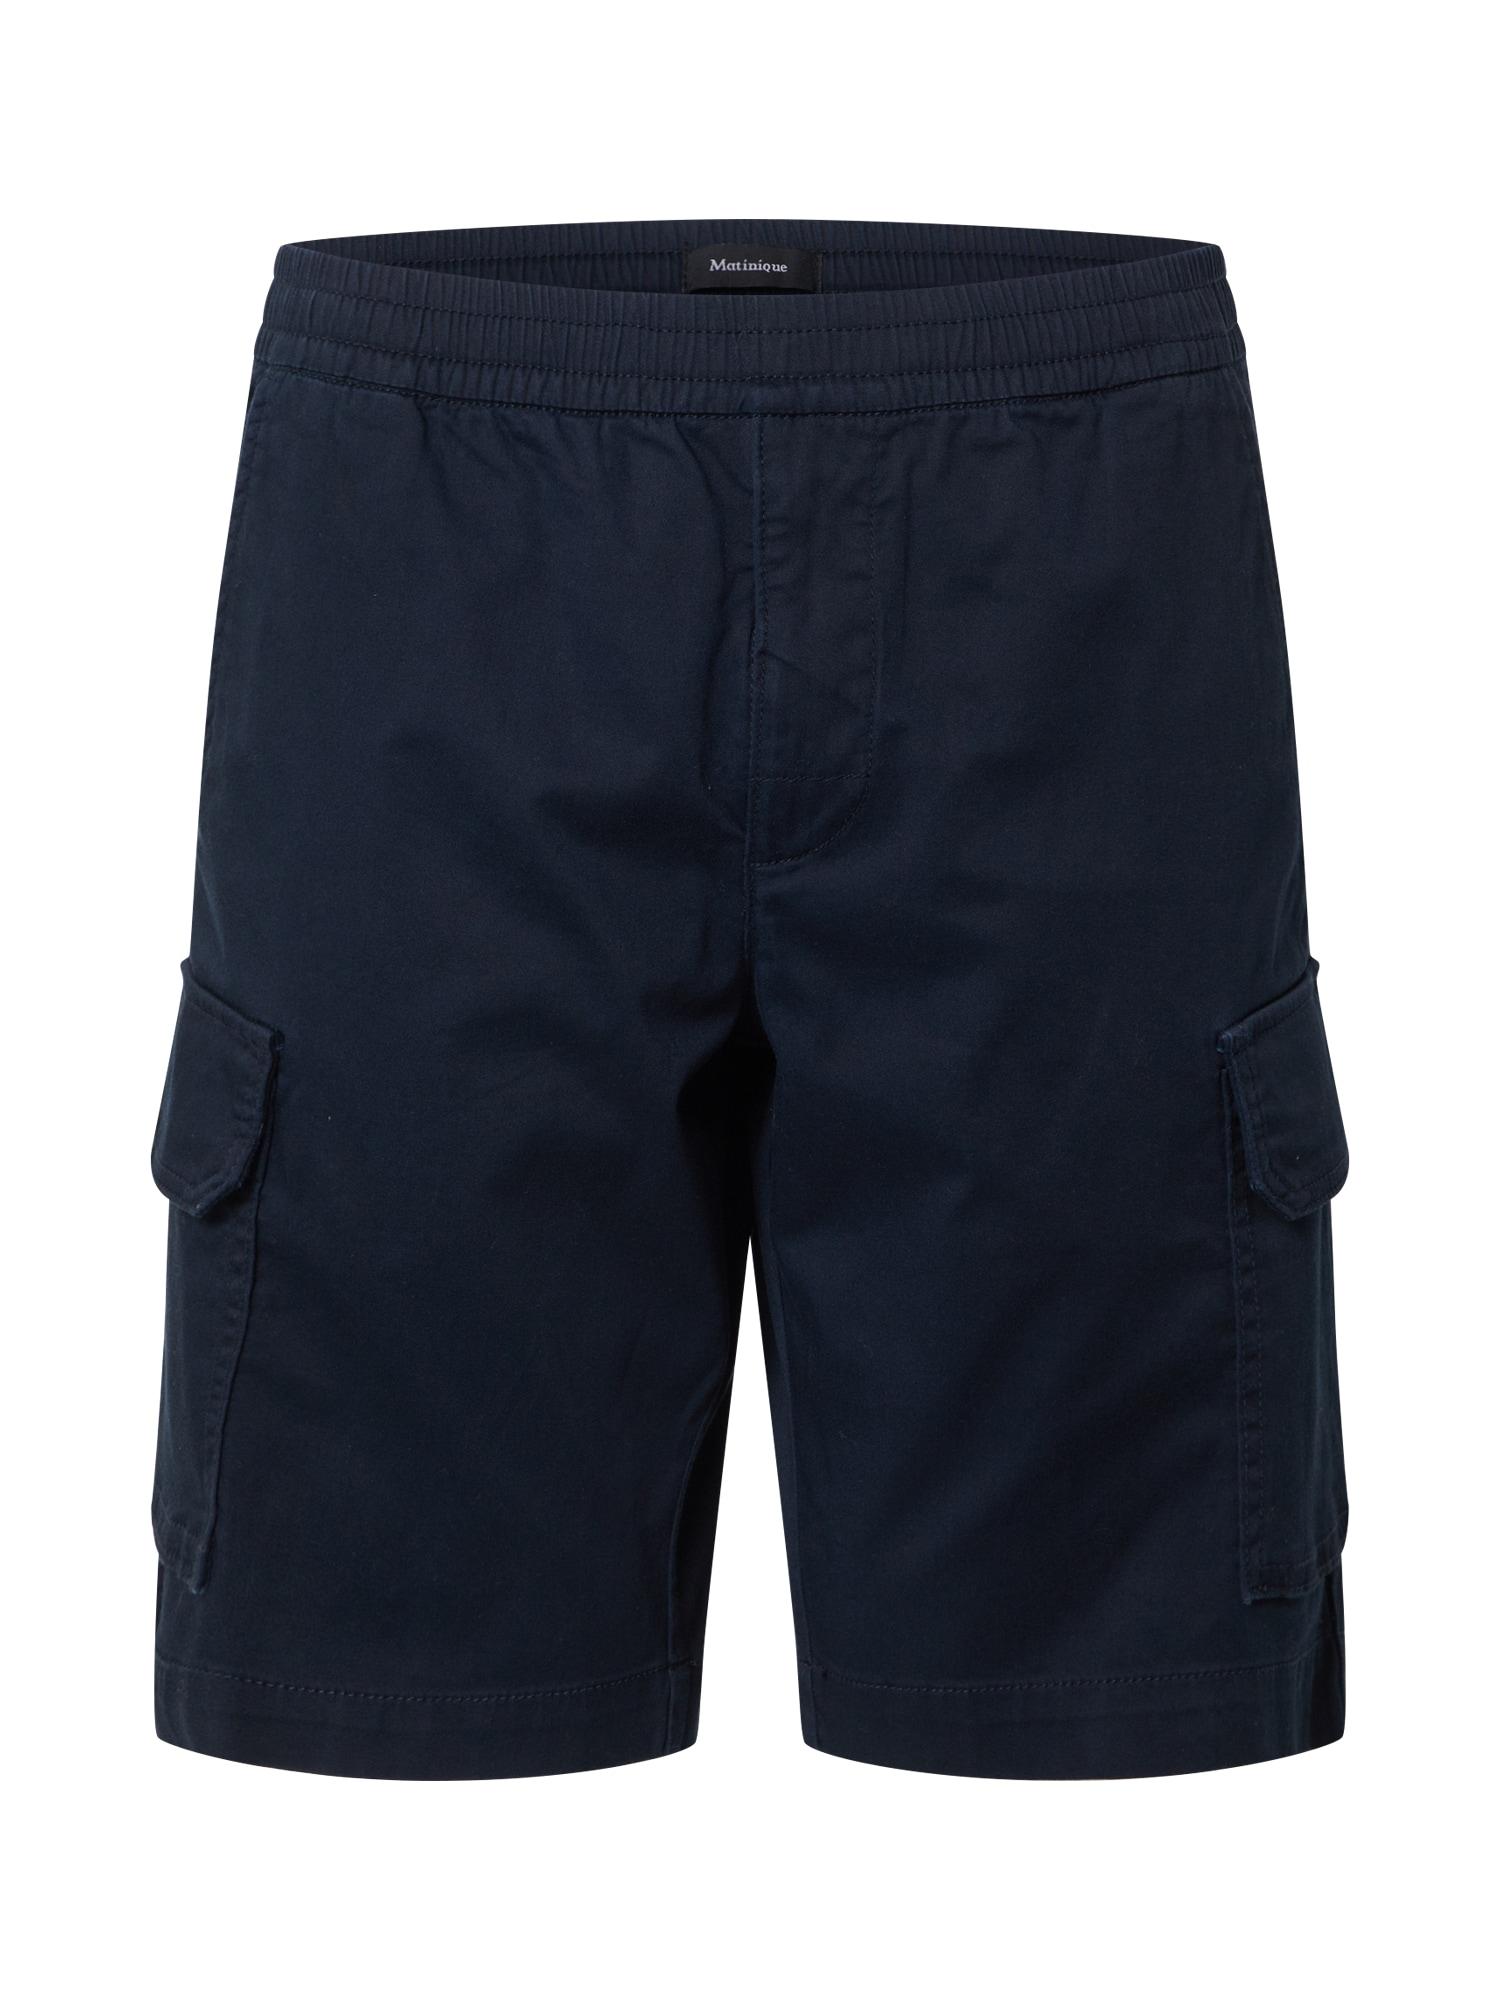 Matinique Laisvo stiliaus kelnės tamsiai mėlyna